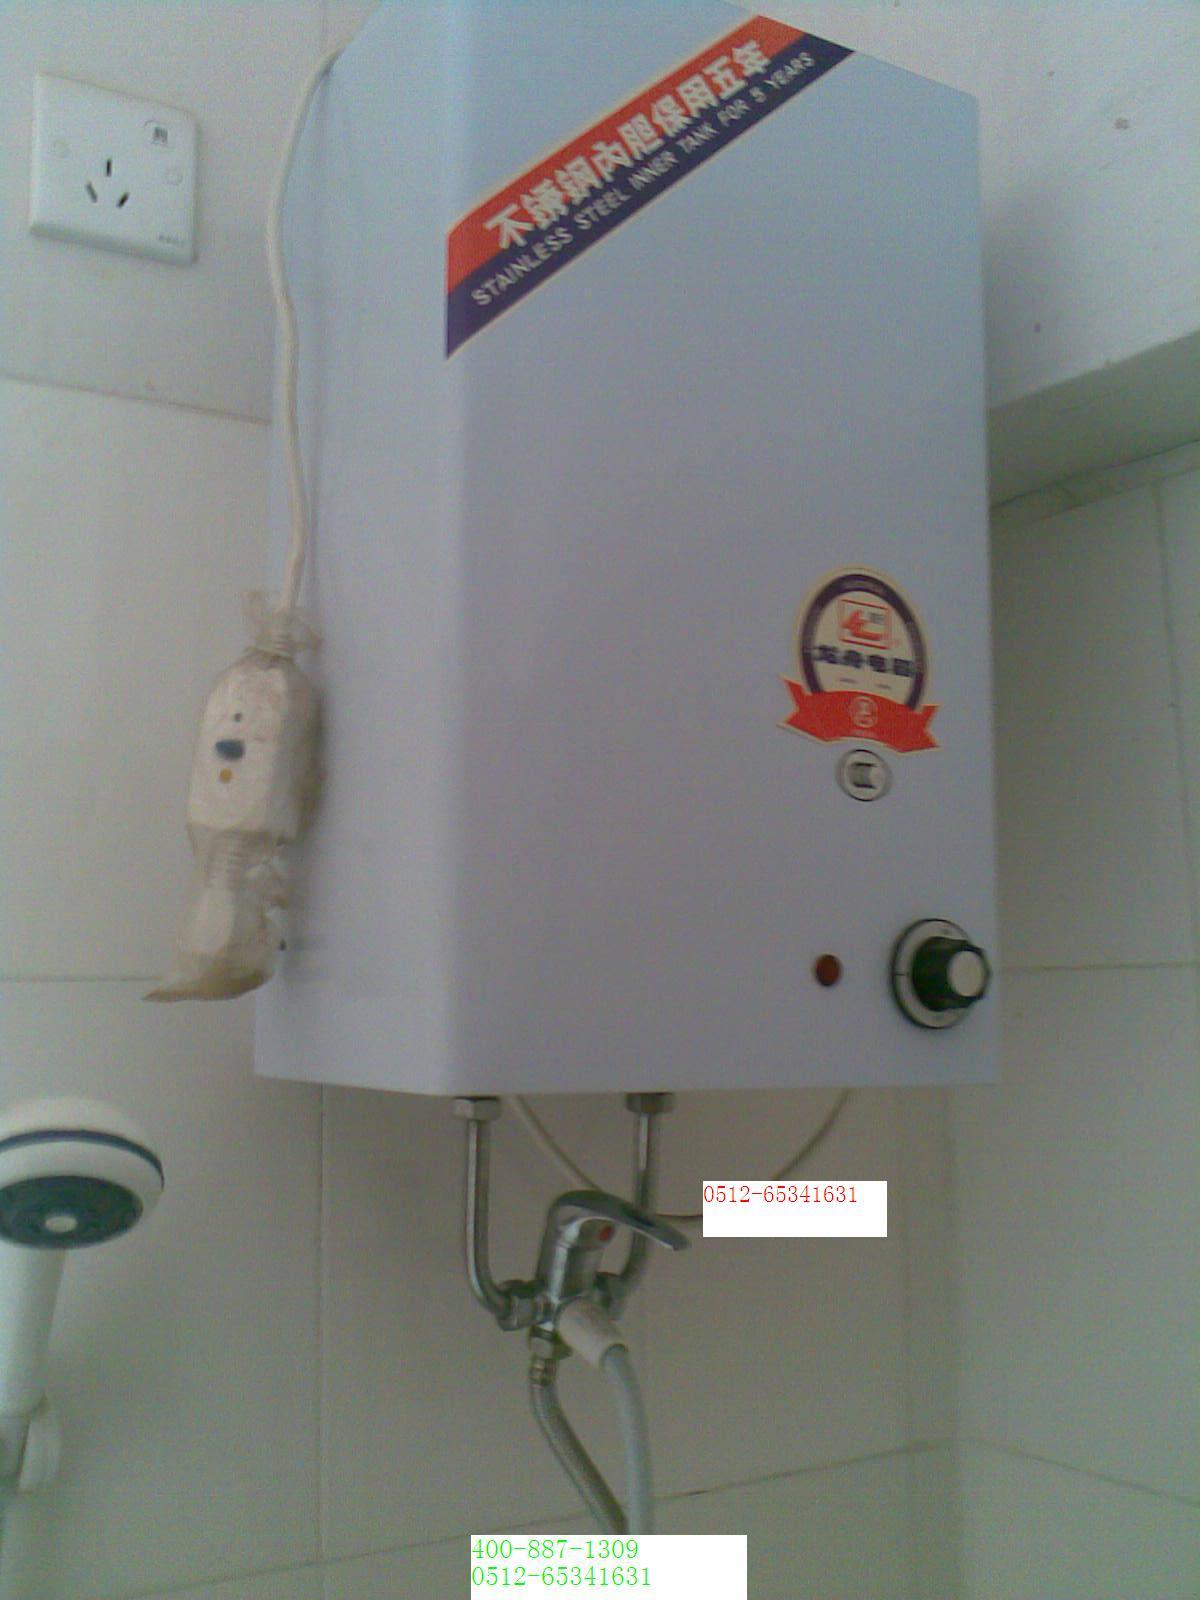 ...热水器样板图 苏州帅康热水器维修服务站 苏州好运来电器维修...